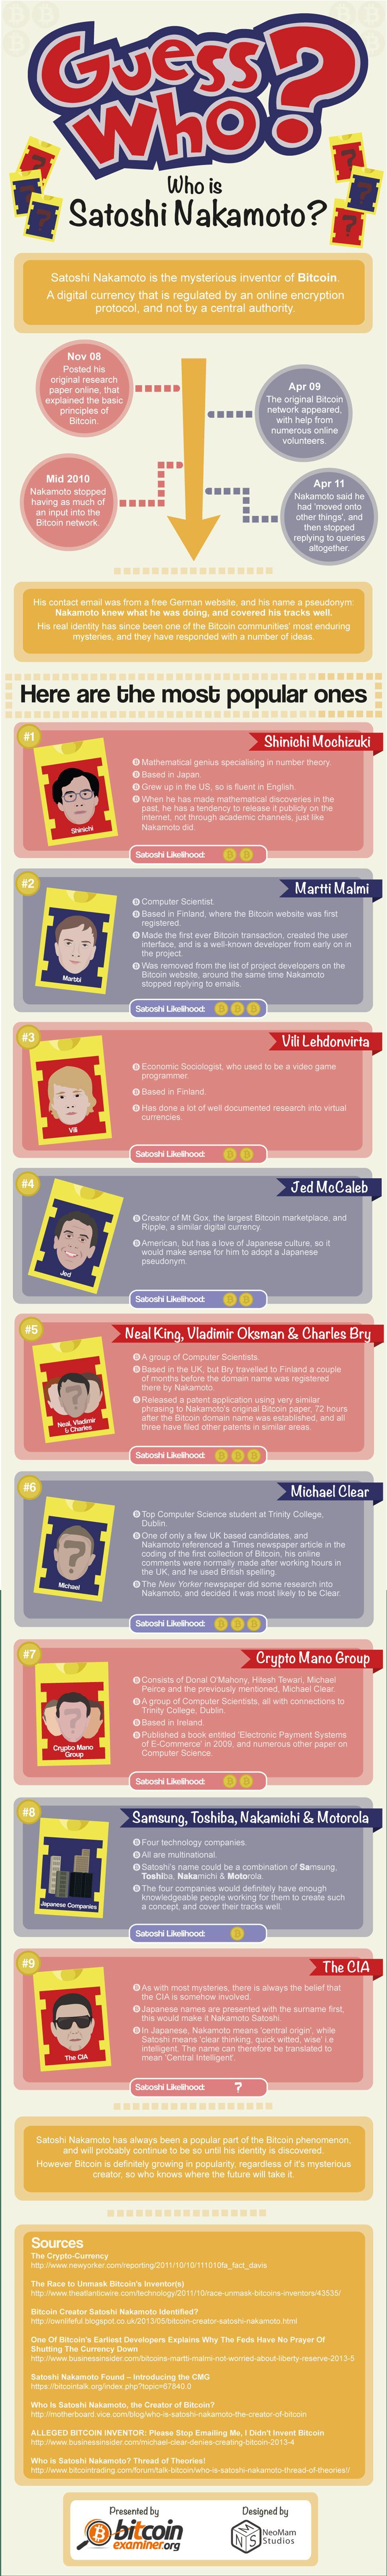 Who is Satoshi Nakamoto? (Infographic)